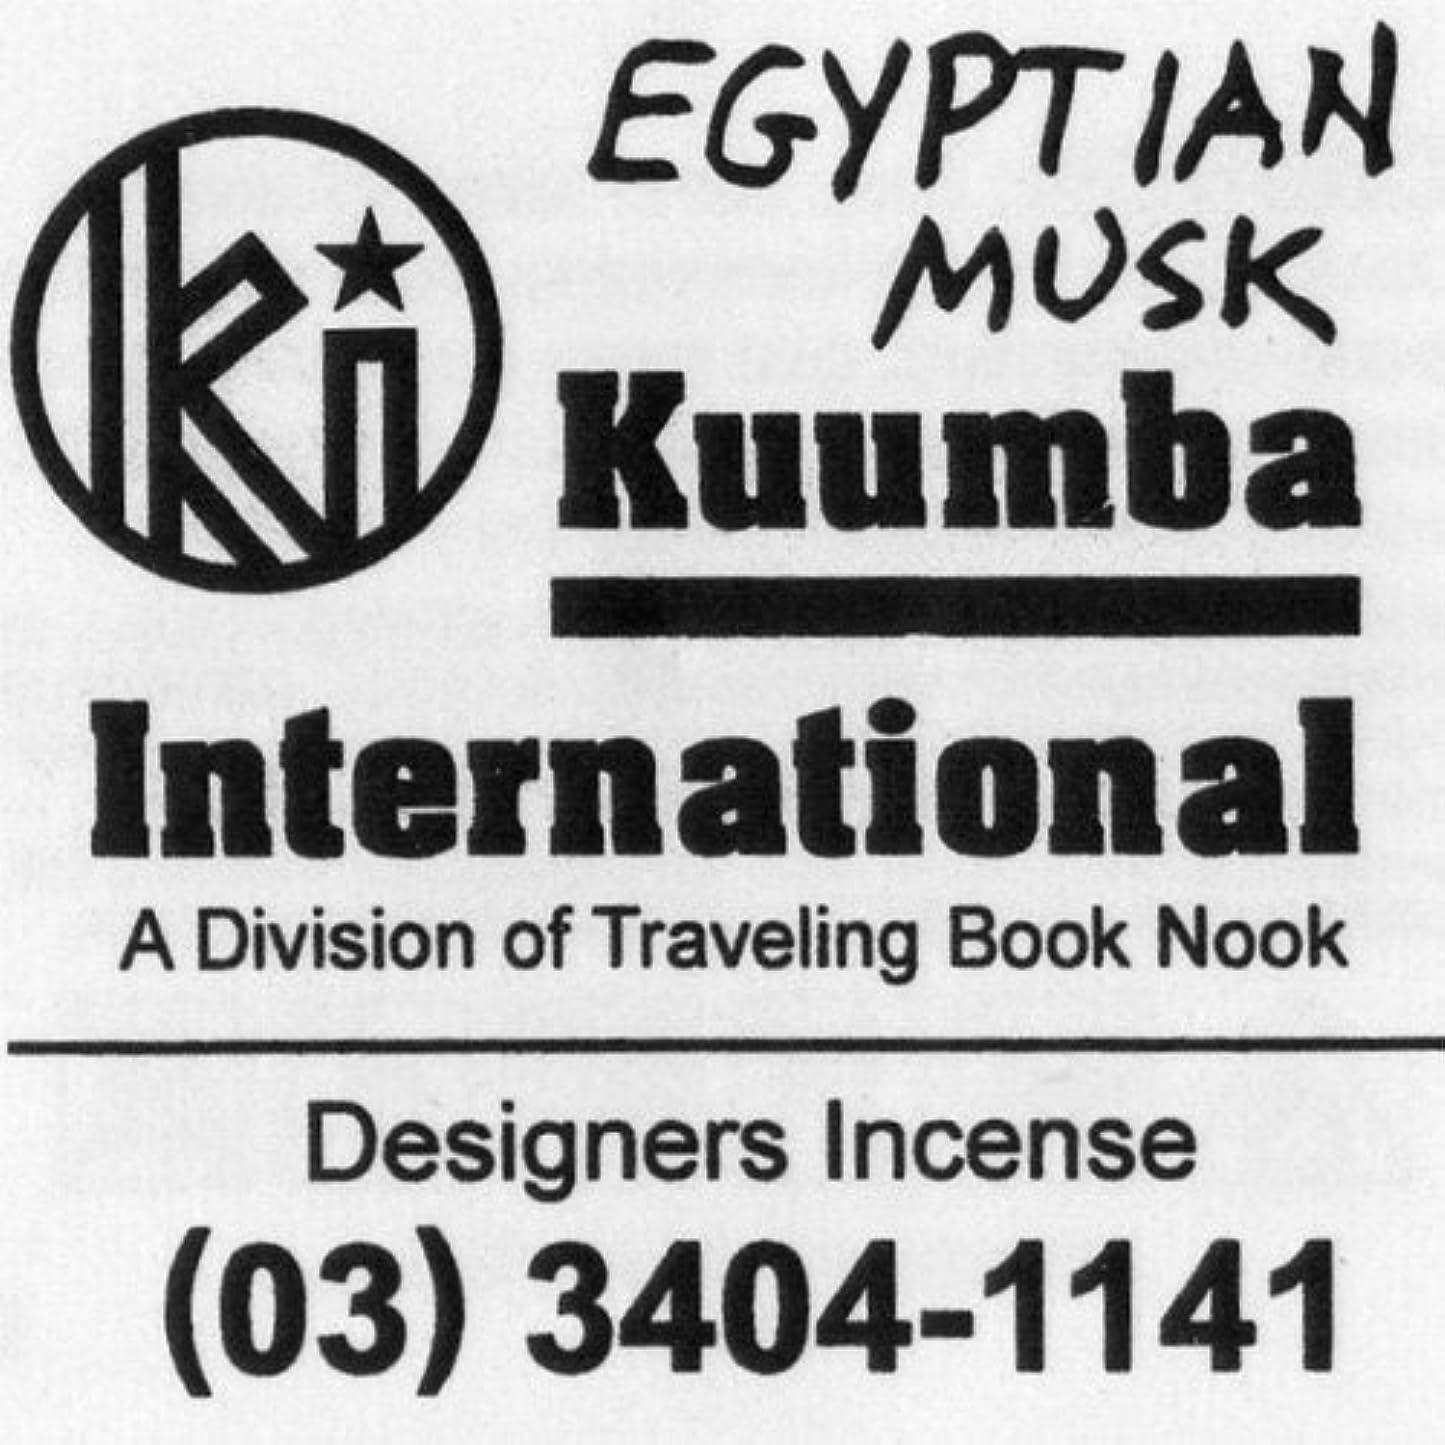 昼寝パフ払い戻しKUUMBA / クンバ『incense』(EGYPTIAN MUSK) (Regular size)